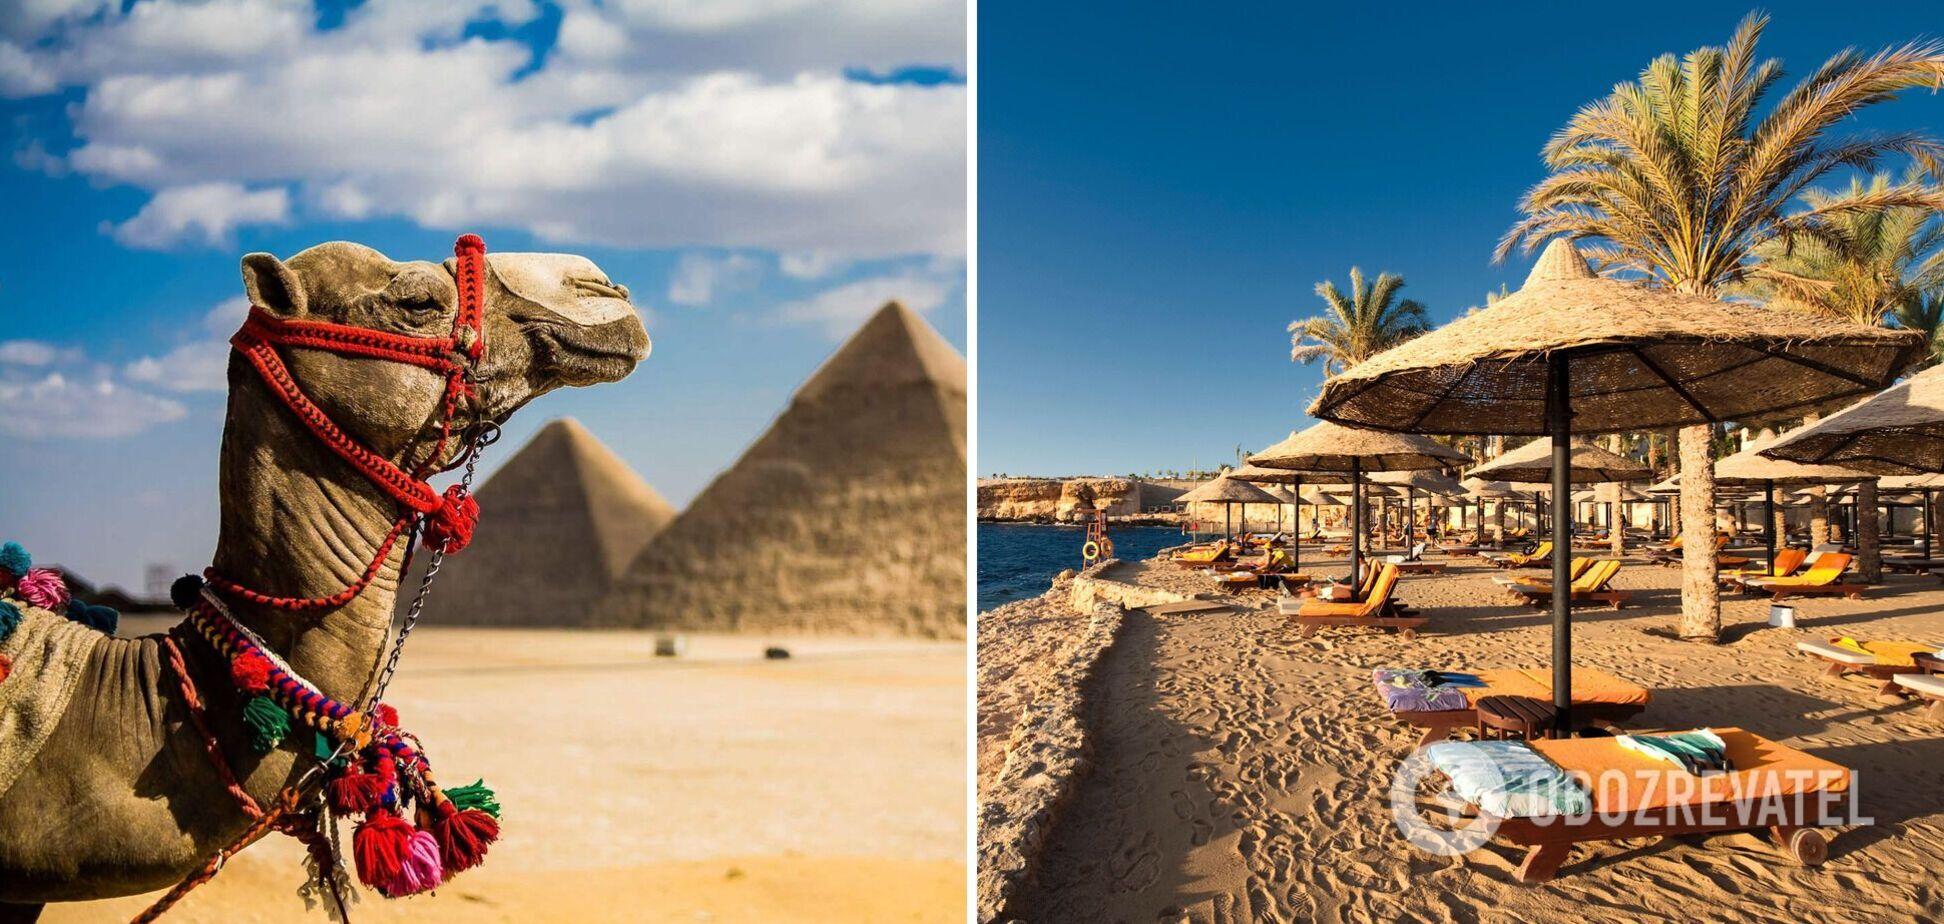 Єгипет вводить жорсткий локдаун: закривають навіть пляжі